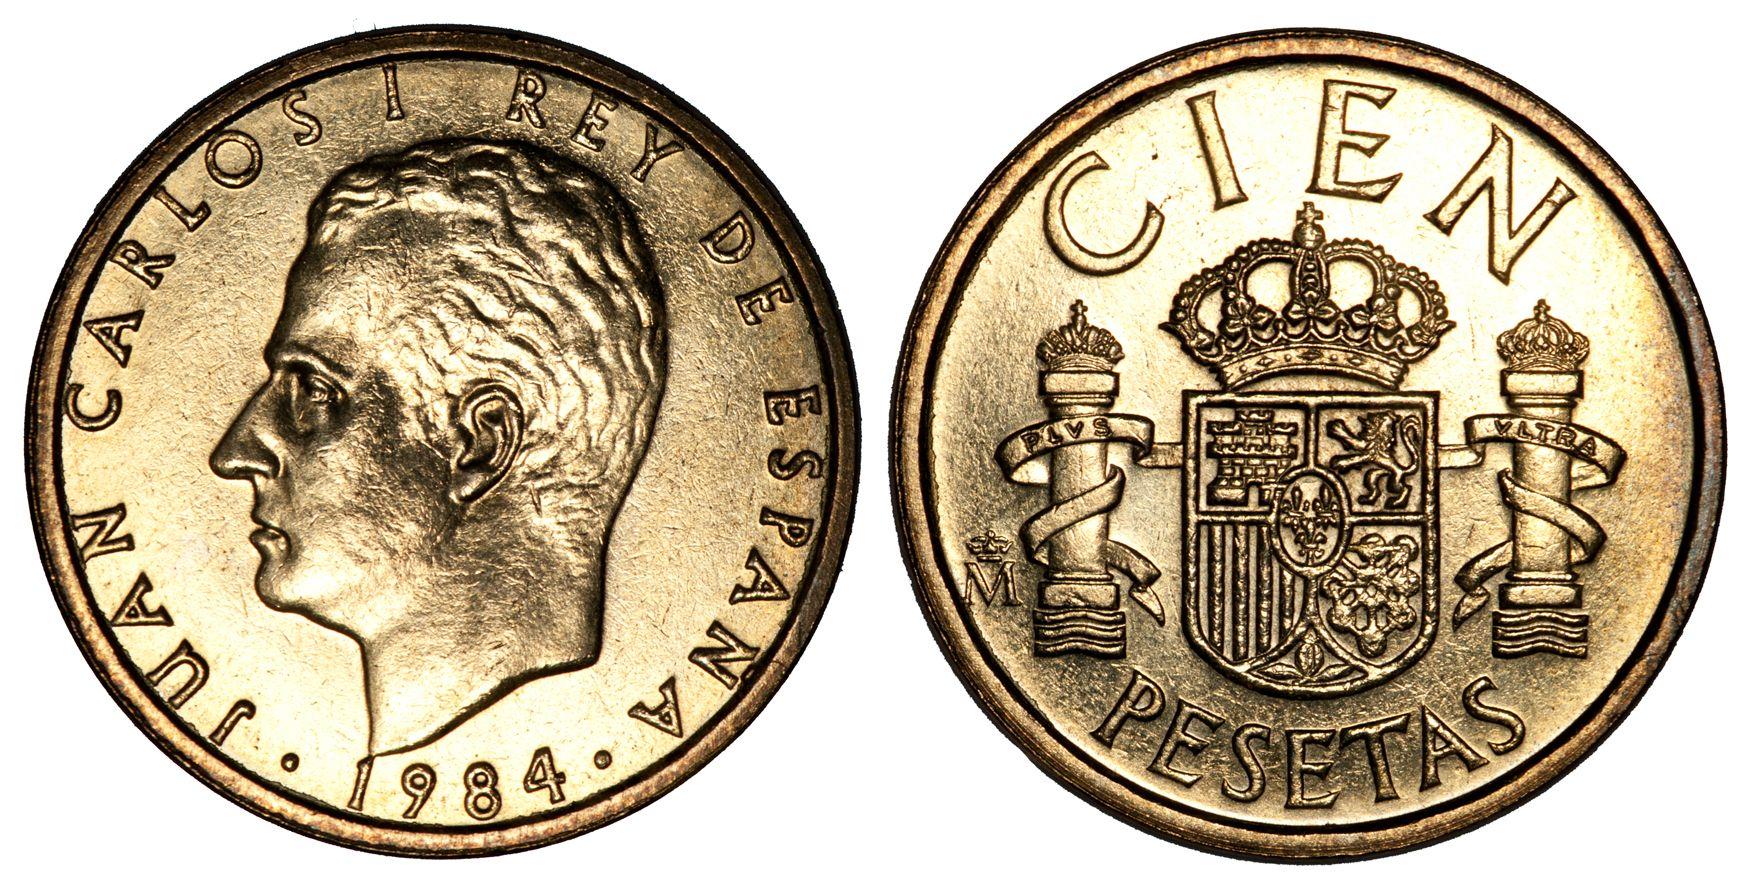 Cien pesetas стоимость 10 копеек 1994 года украина цена